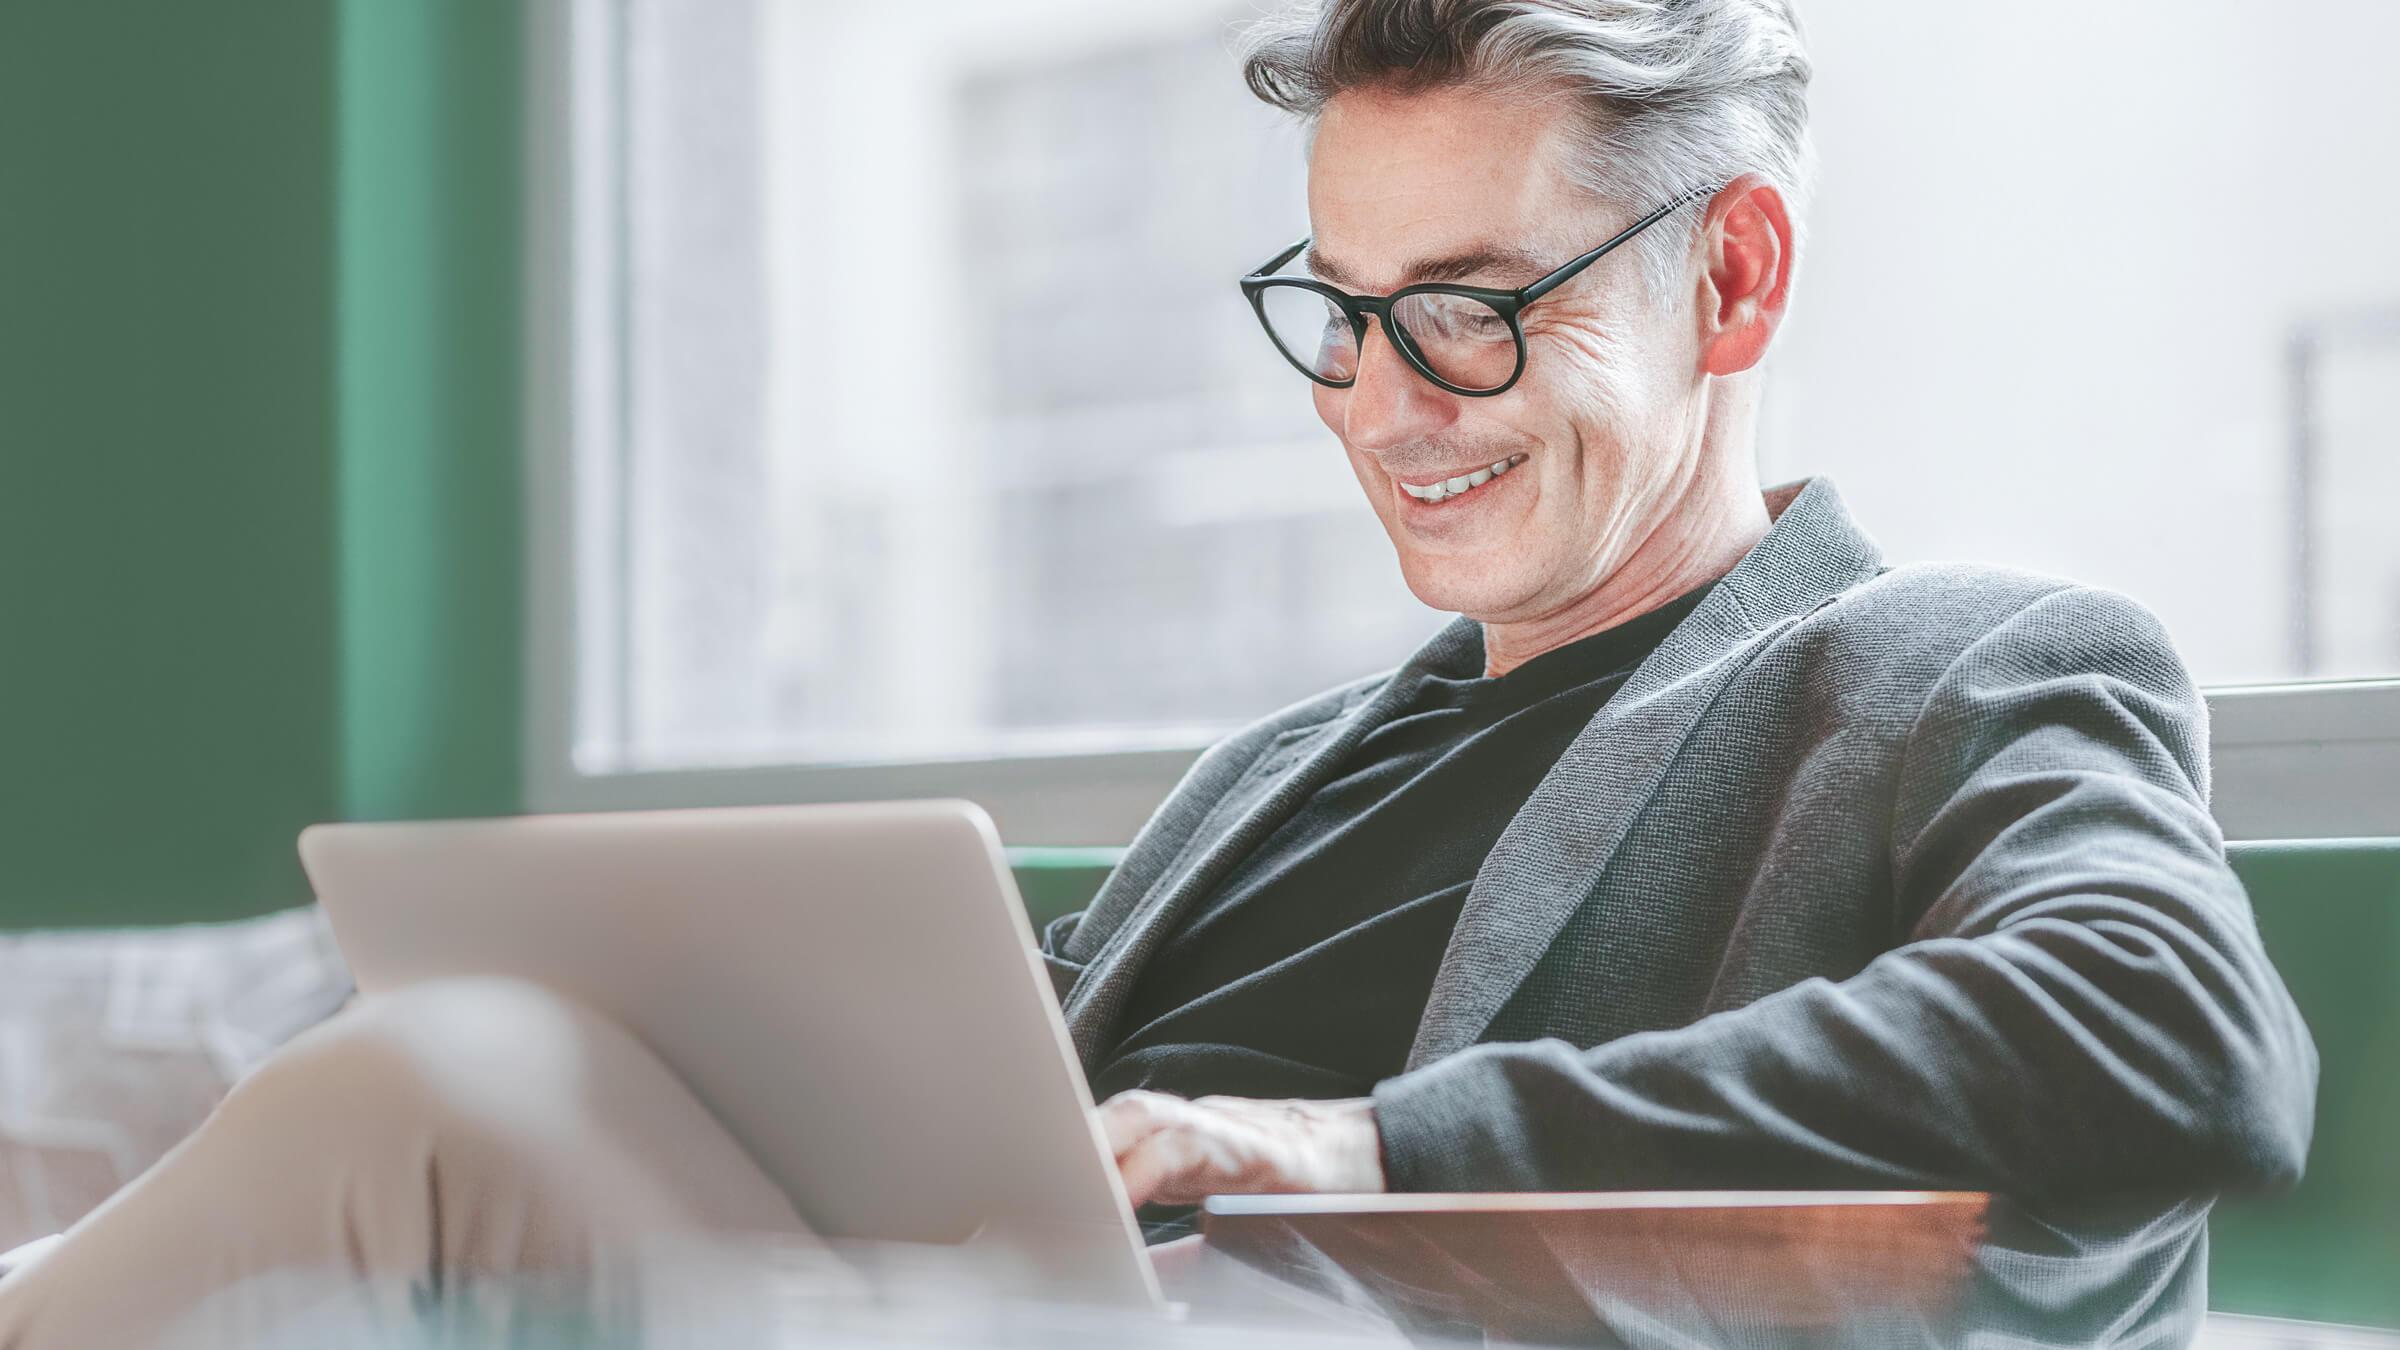 Zadowolony klient brokera online LYNX zarządzający swoim portfelem inwestycyjnym